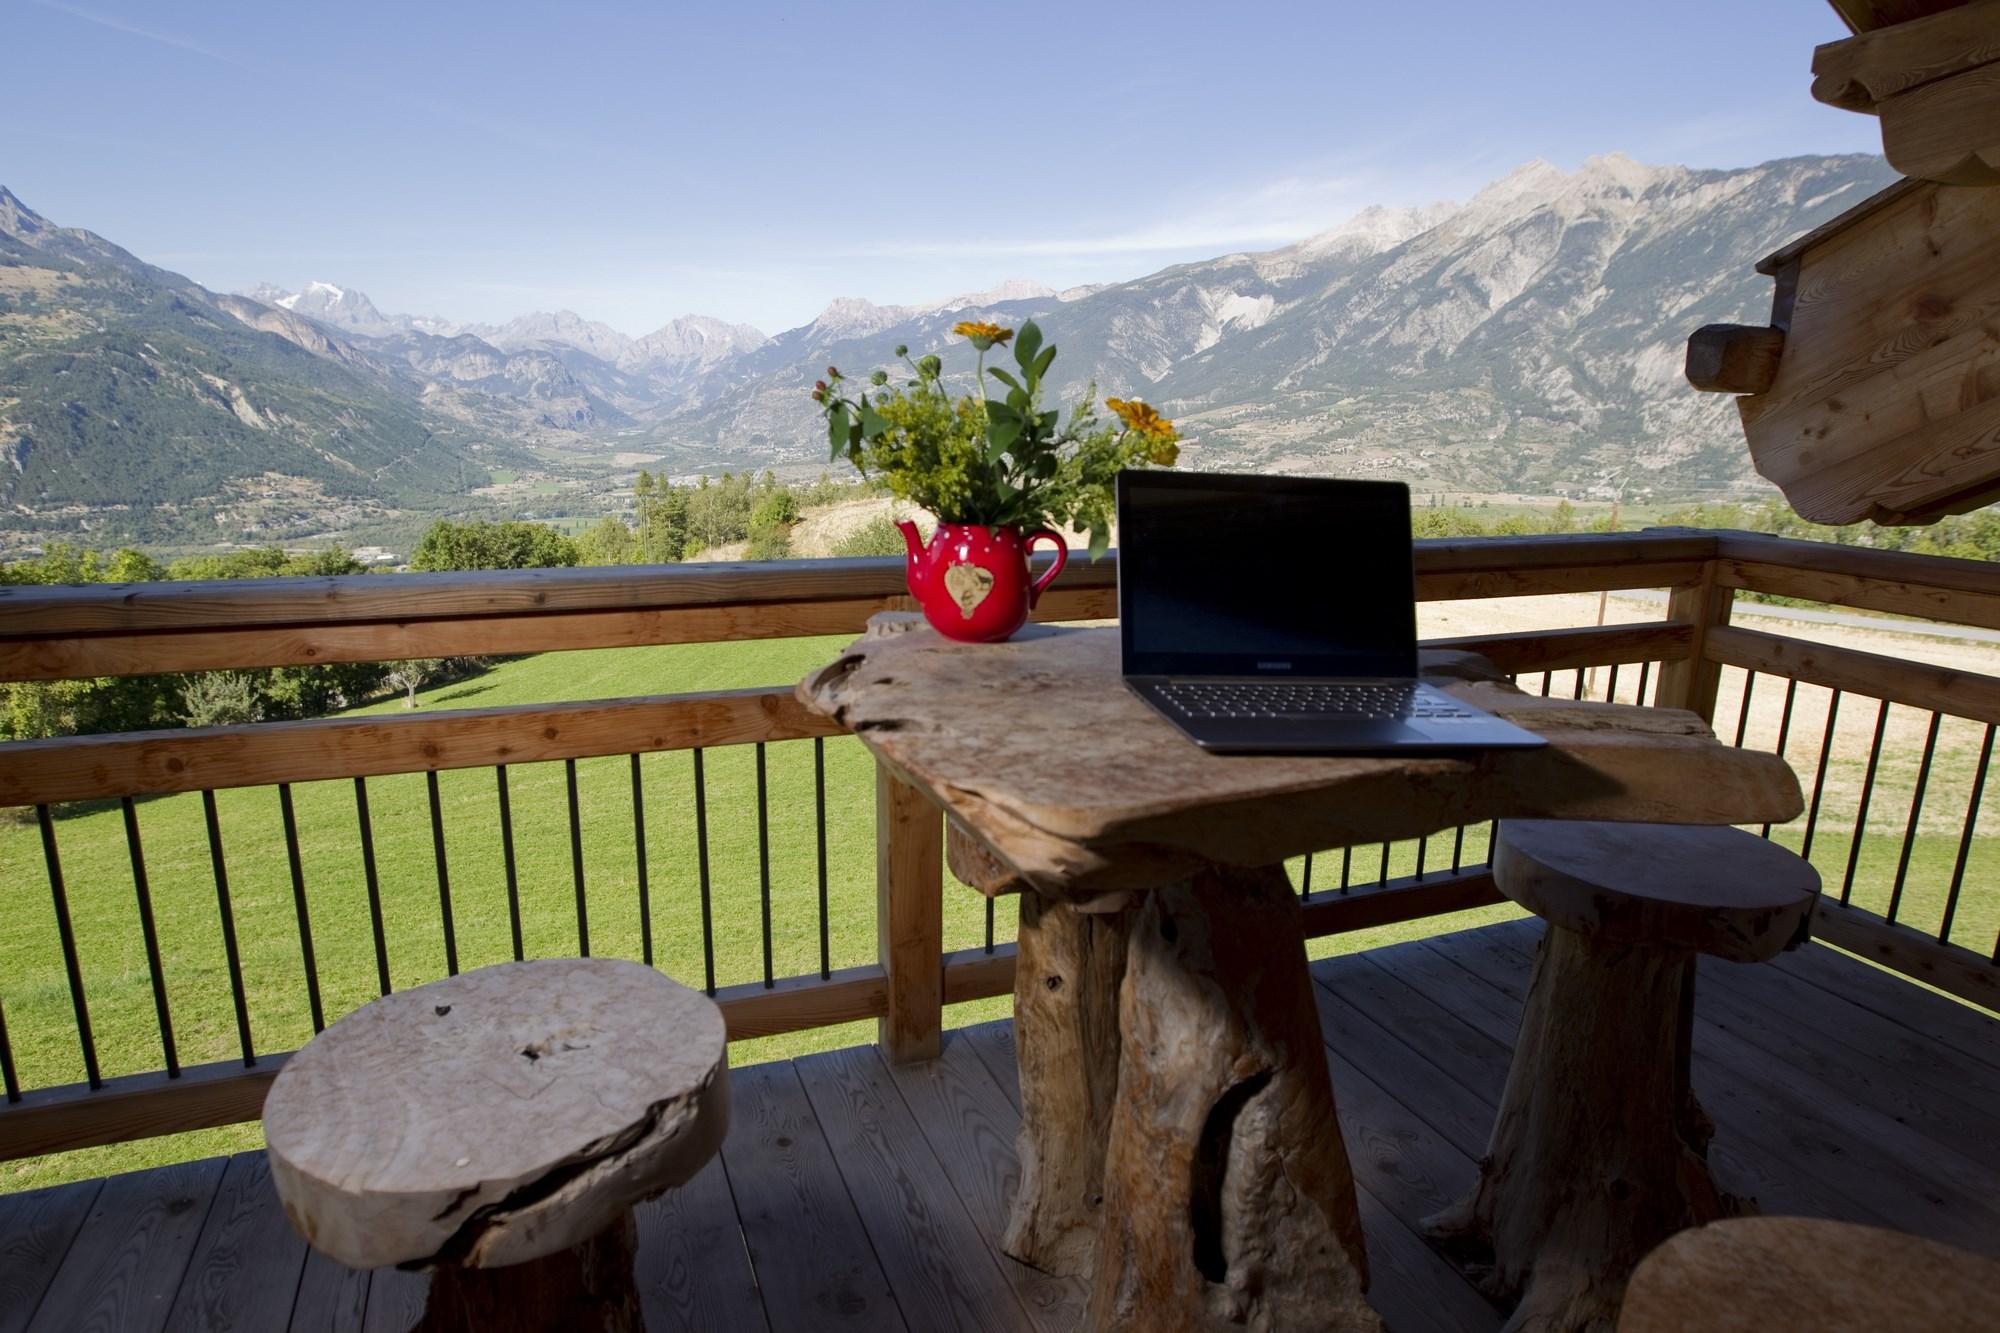 Terrasse superbe vue - Chalet de montagne familial à louer à Risoul Vars Alpes du sud